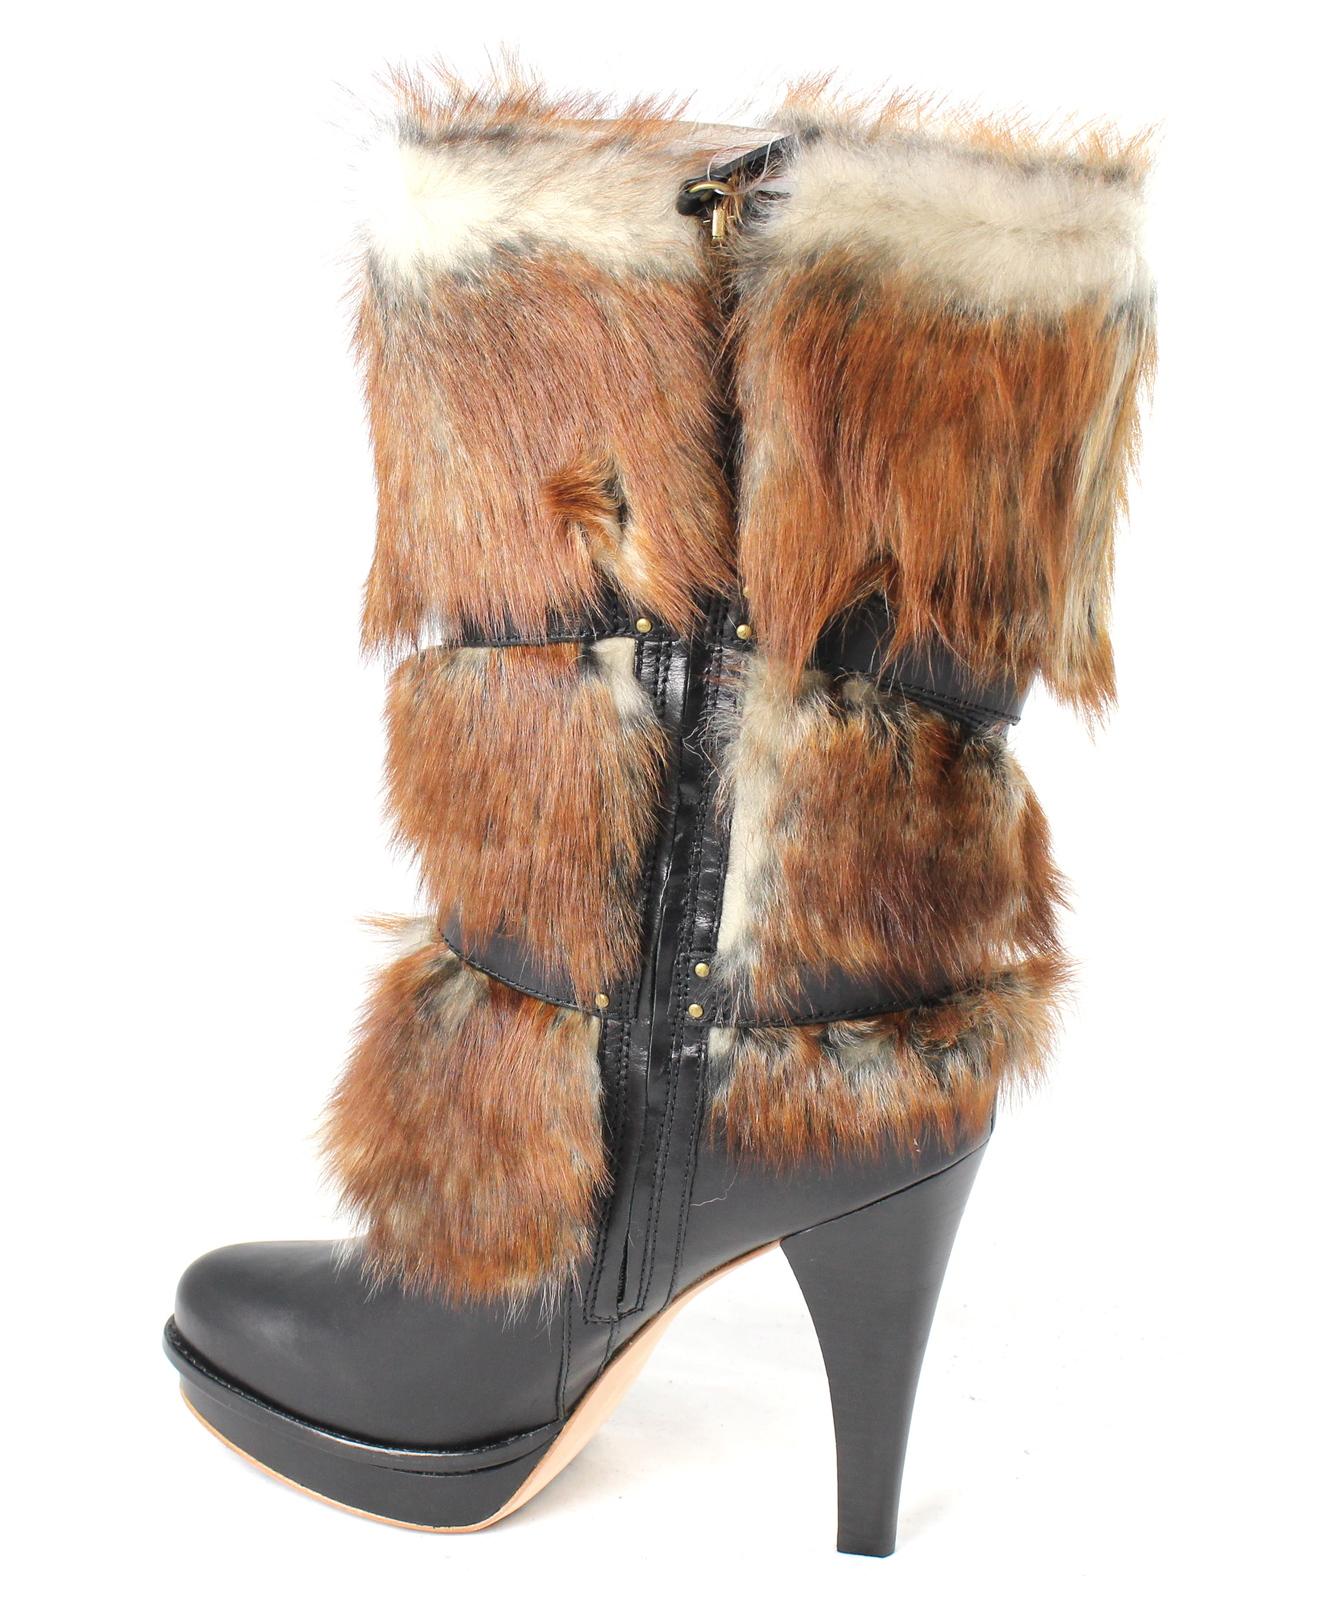 high heel ugg boots australia national sheriffs association